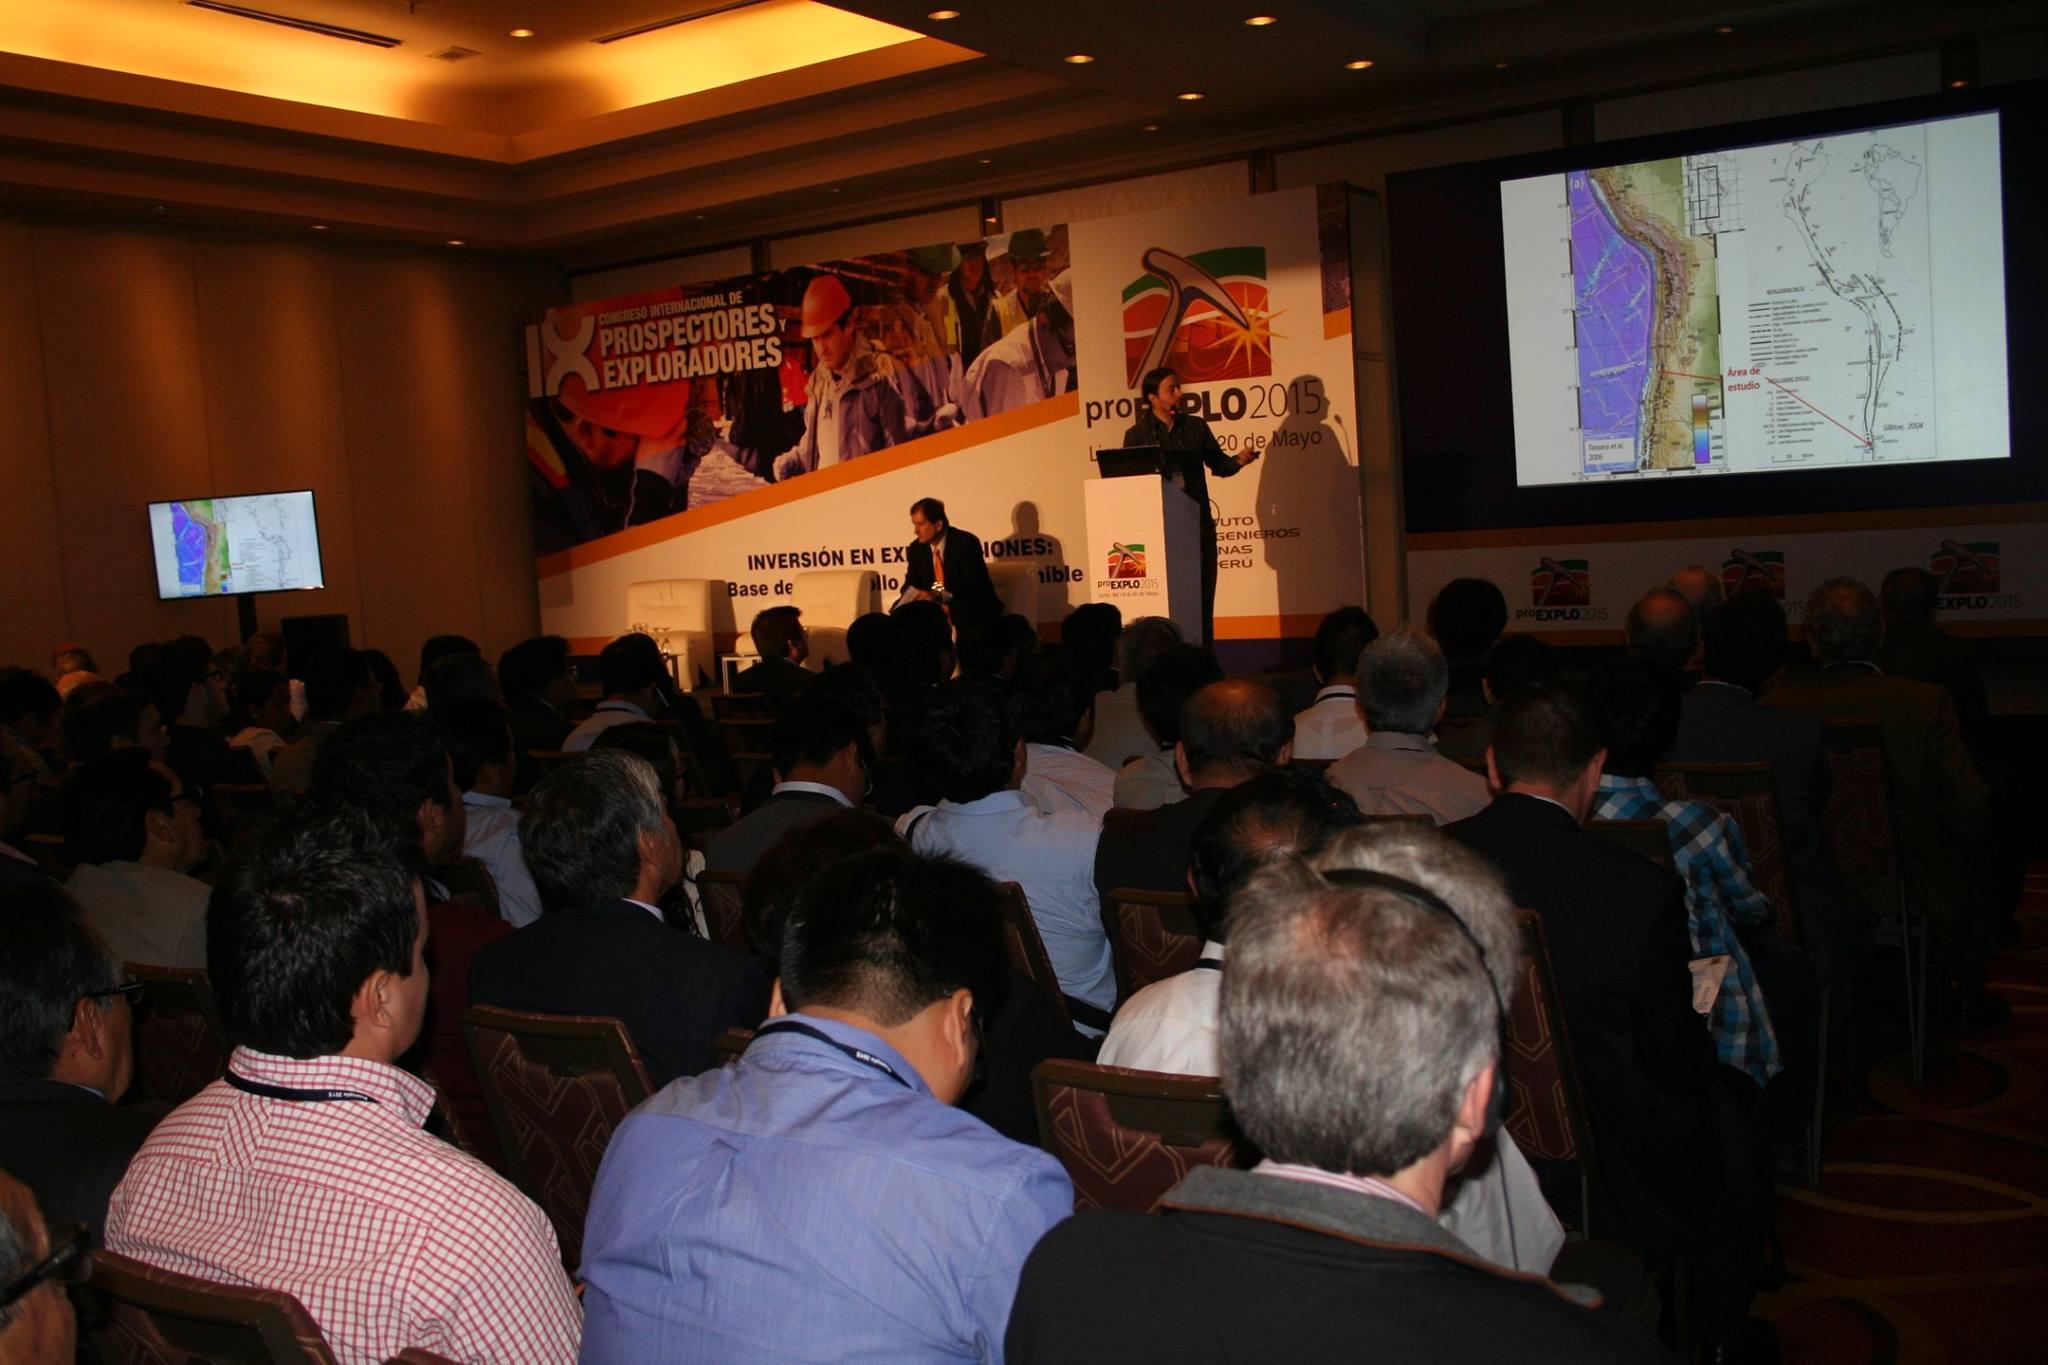 """José Piquer de High Power Exploration, brindando la conferencia """"Controles estructurales en el emplazamiento de sistemas porfíricos: los casos de Río Blanco - Los Bronces y El Teniente, Andes de Chile Central""""."""